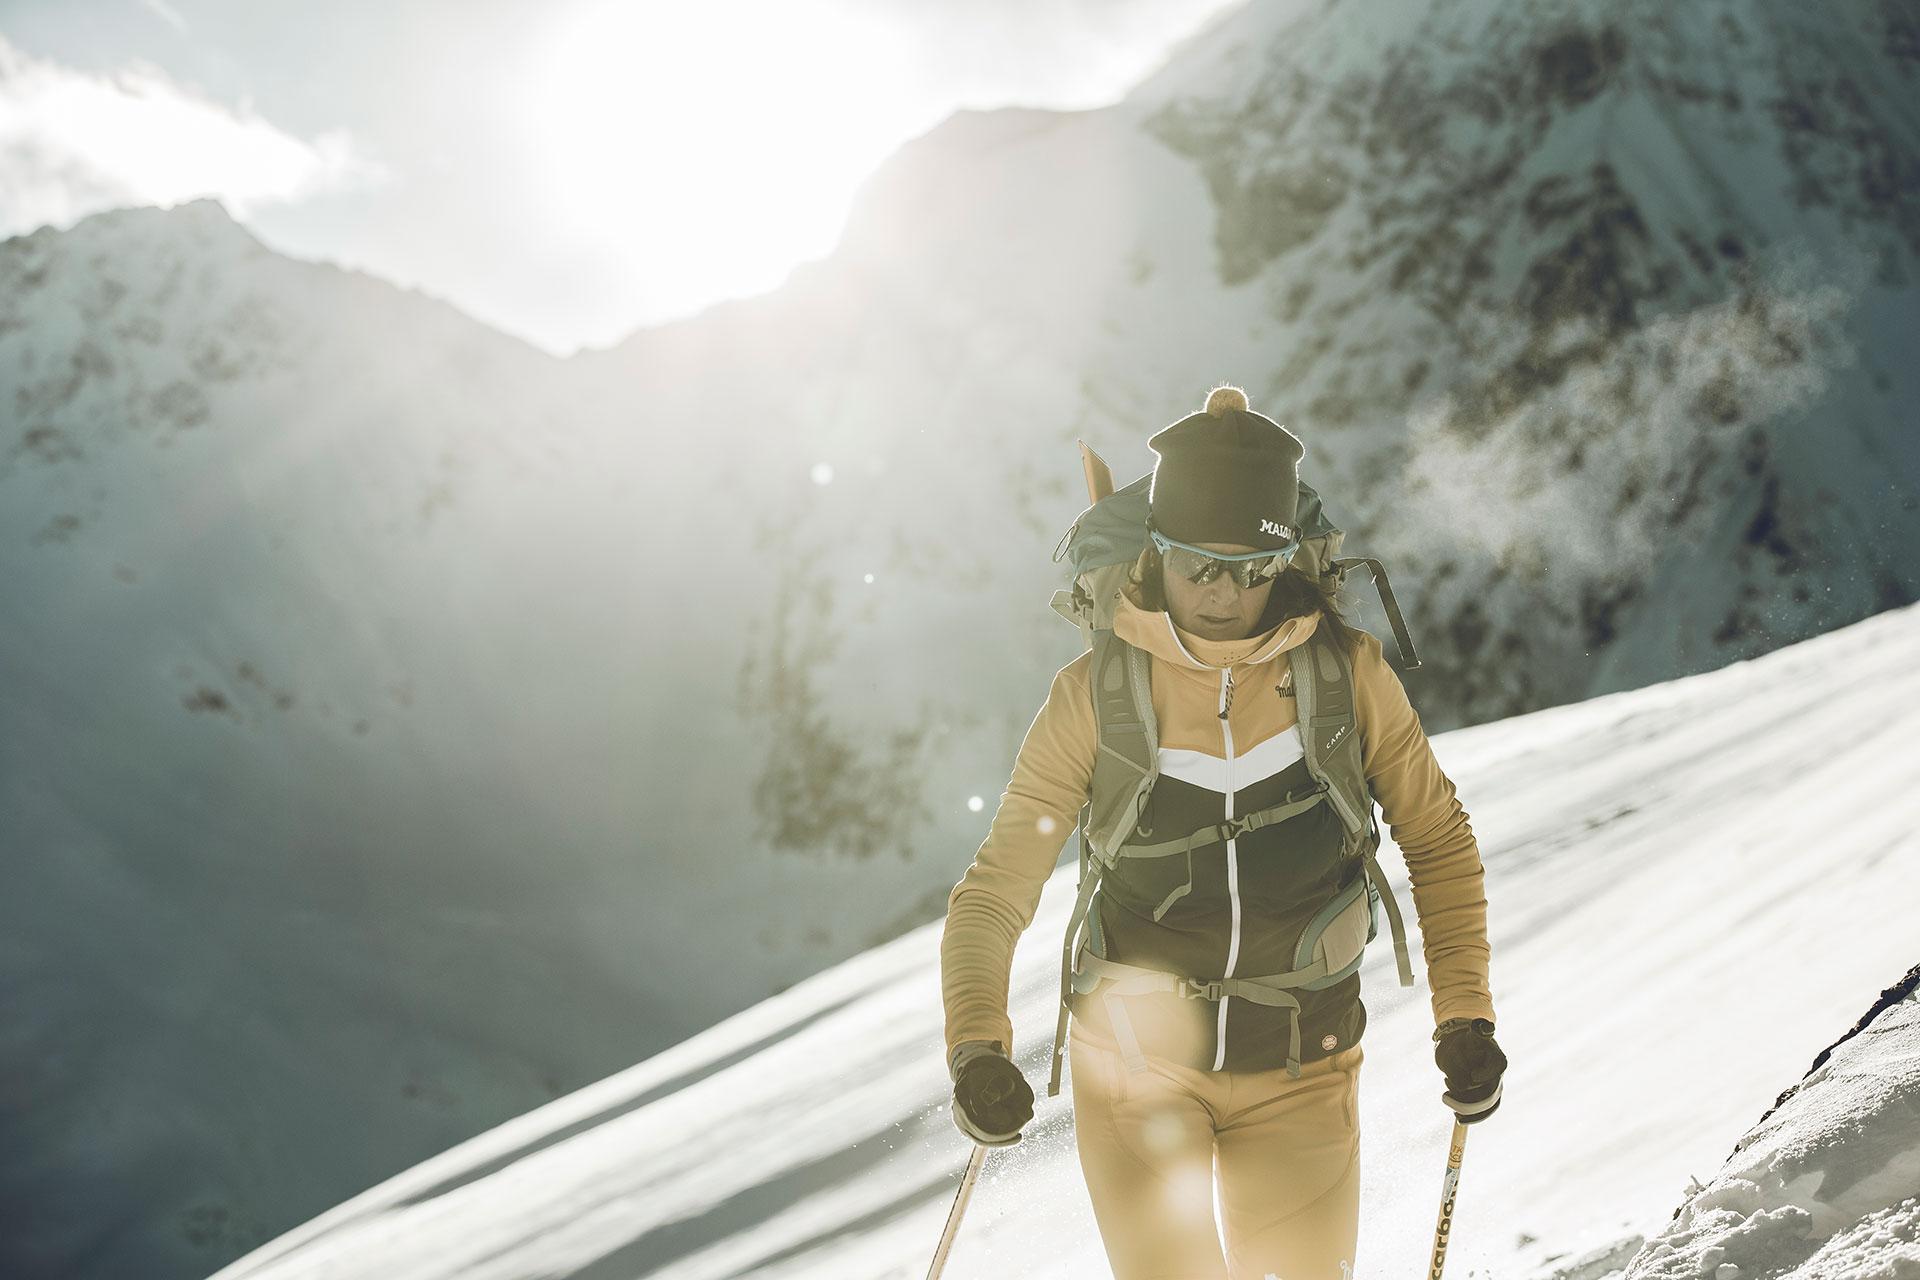 Alpin Skitour Aufstieg Fotograf Winter Frankfurt Deutschland Schnee